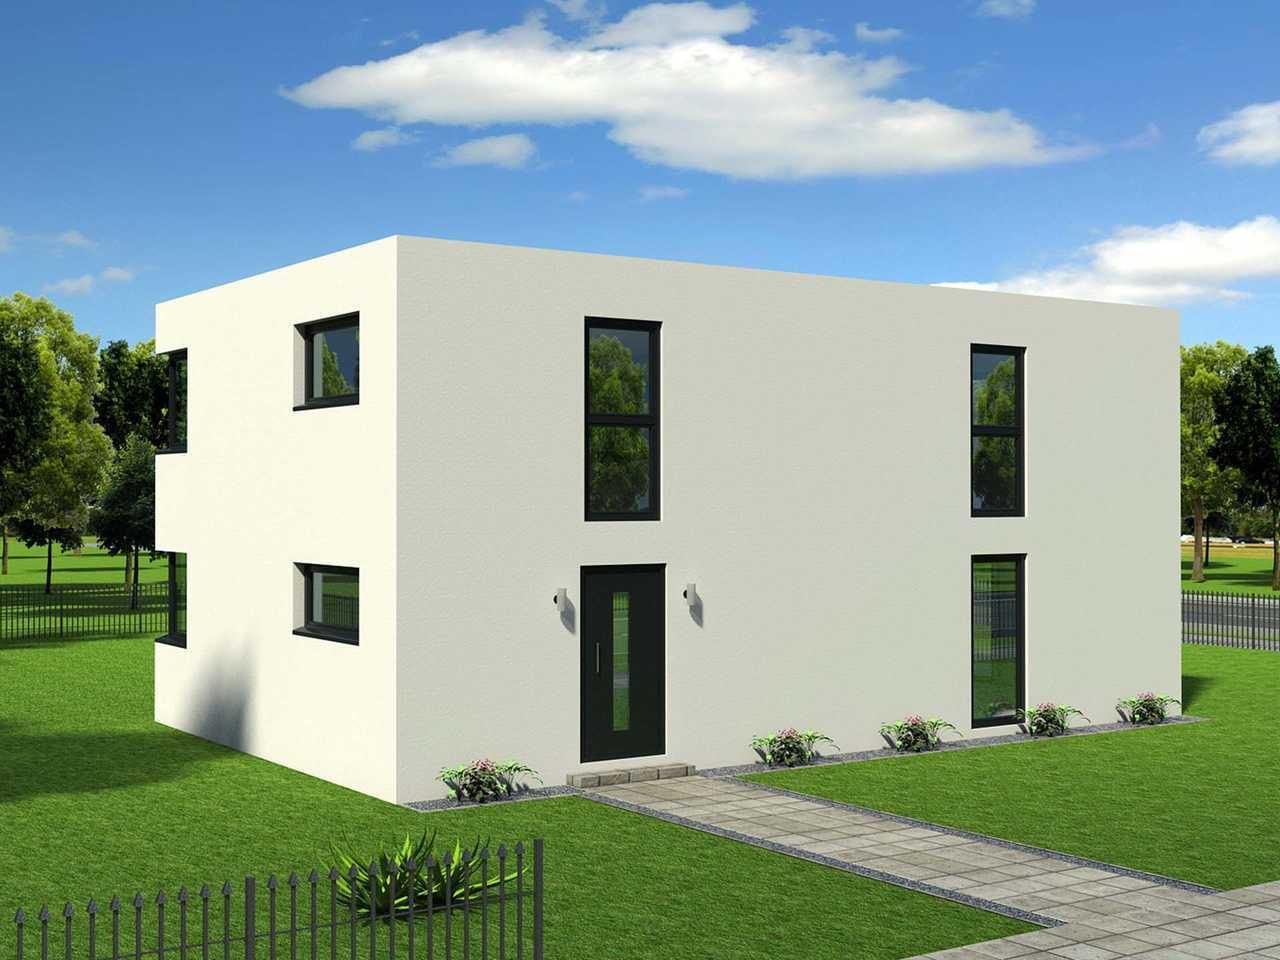 FamilienHaus 206 - Fensterle Bauunternehmen